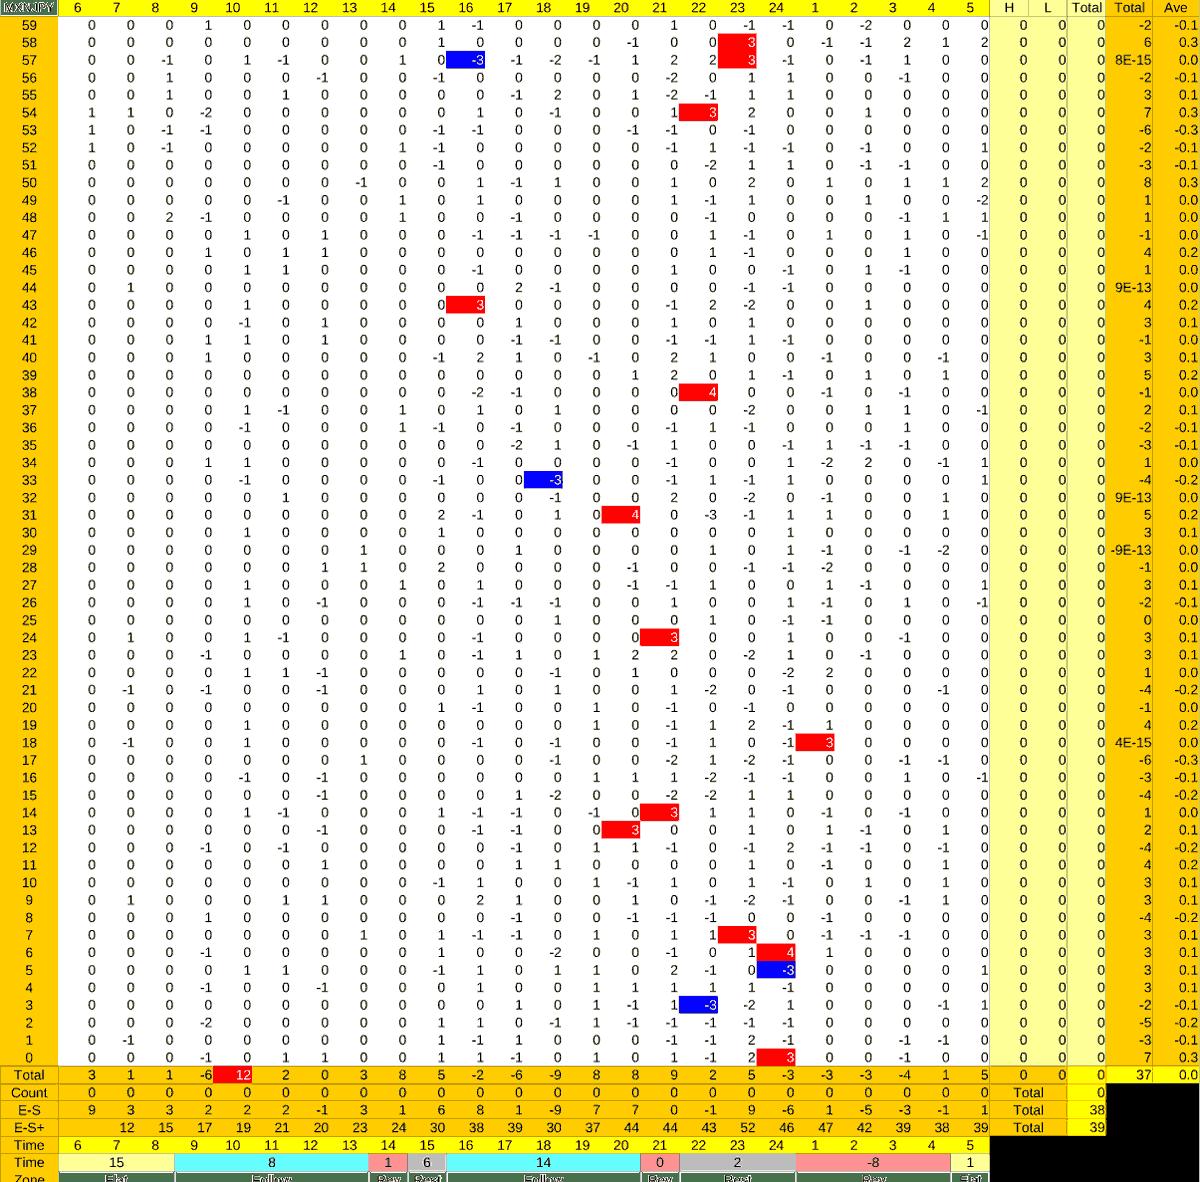 20210901_HS(3)MXNJPY-min